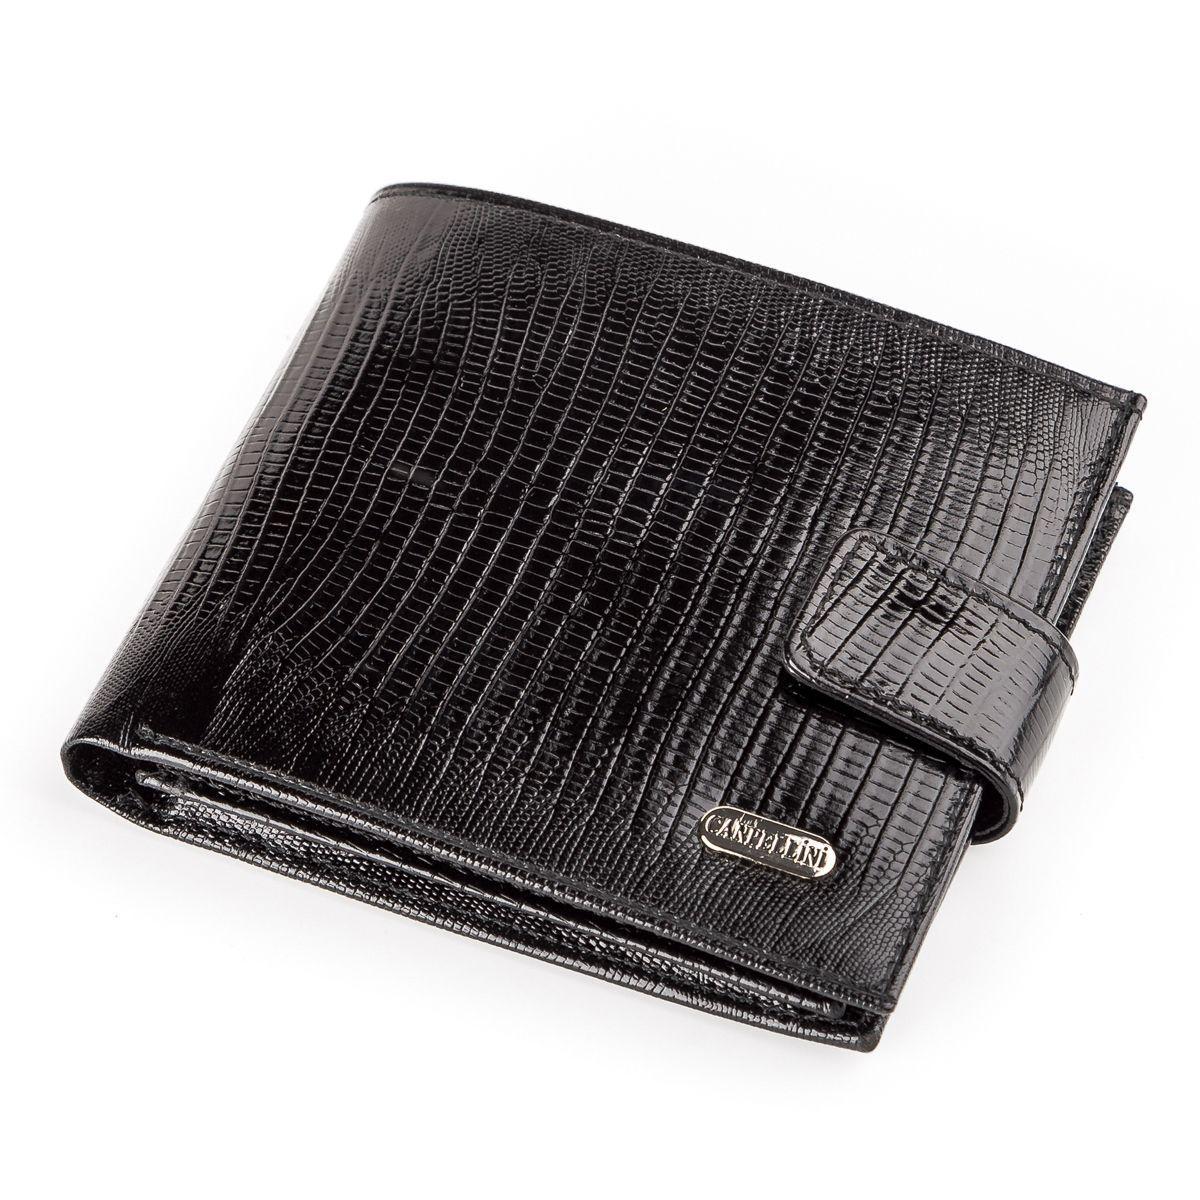 Кошелек мужской CANPELLINI 17032 кожаный Черный